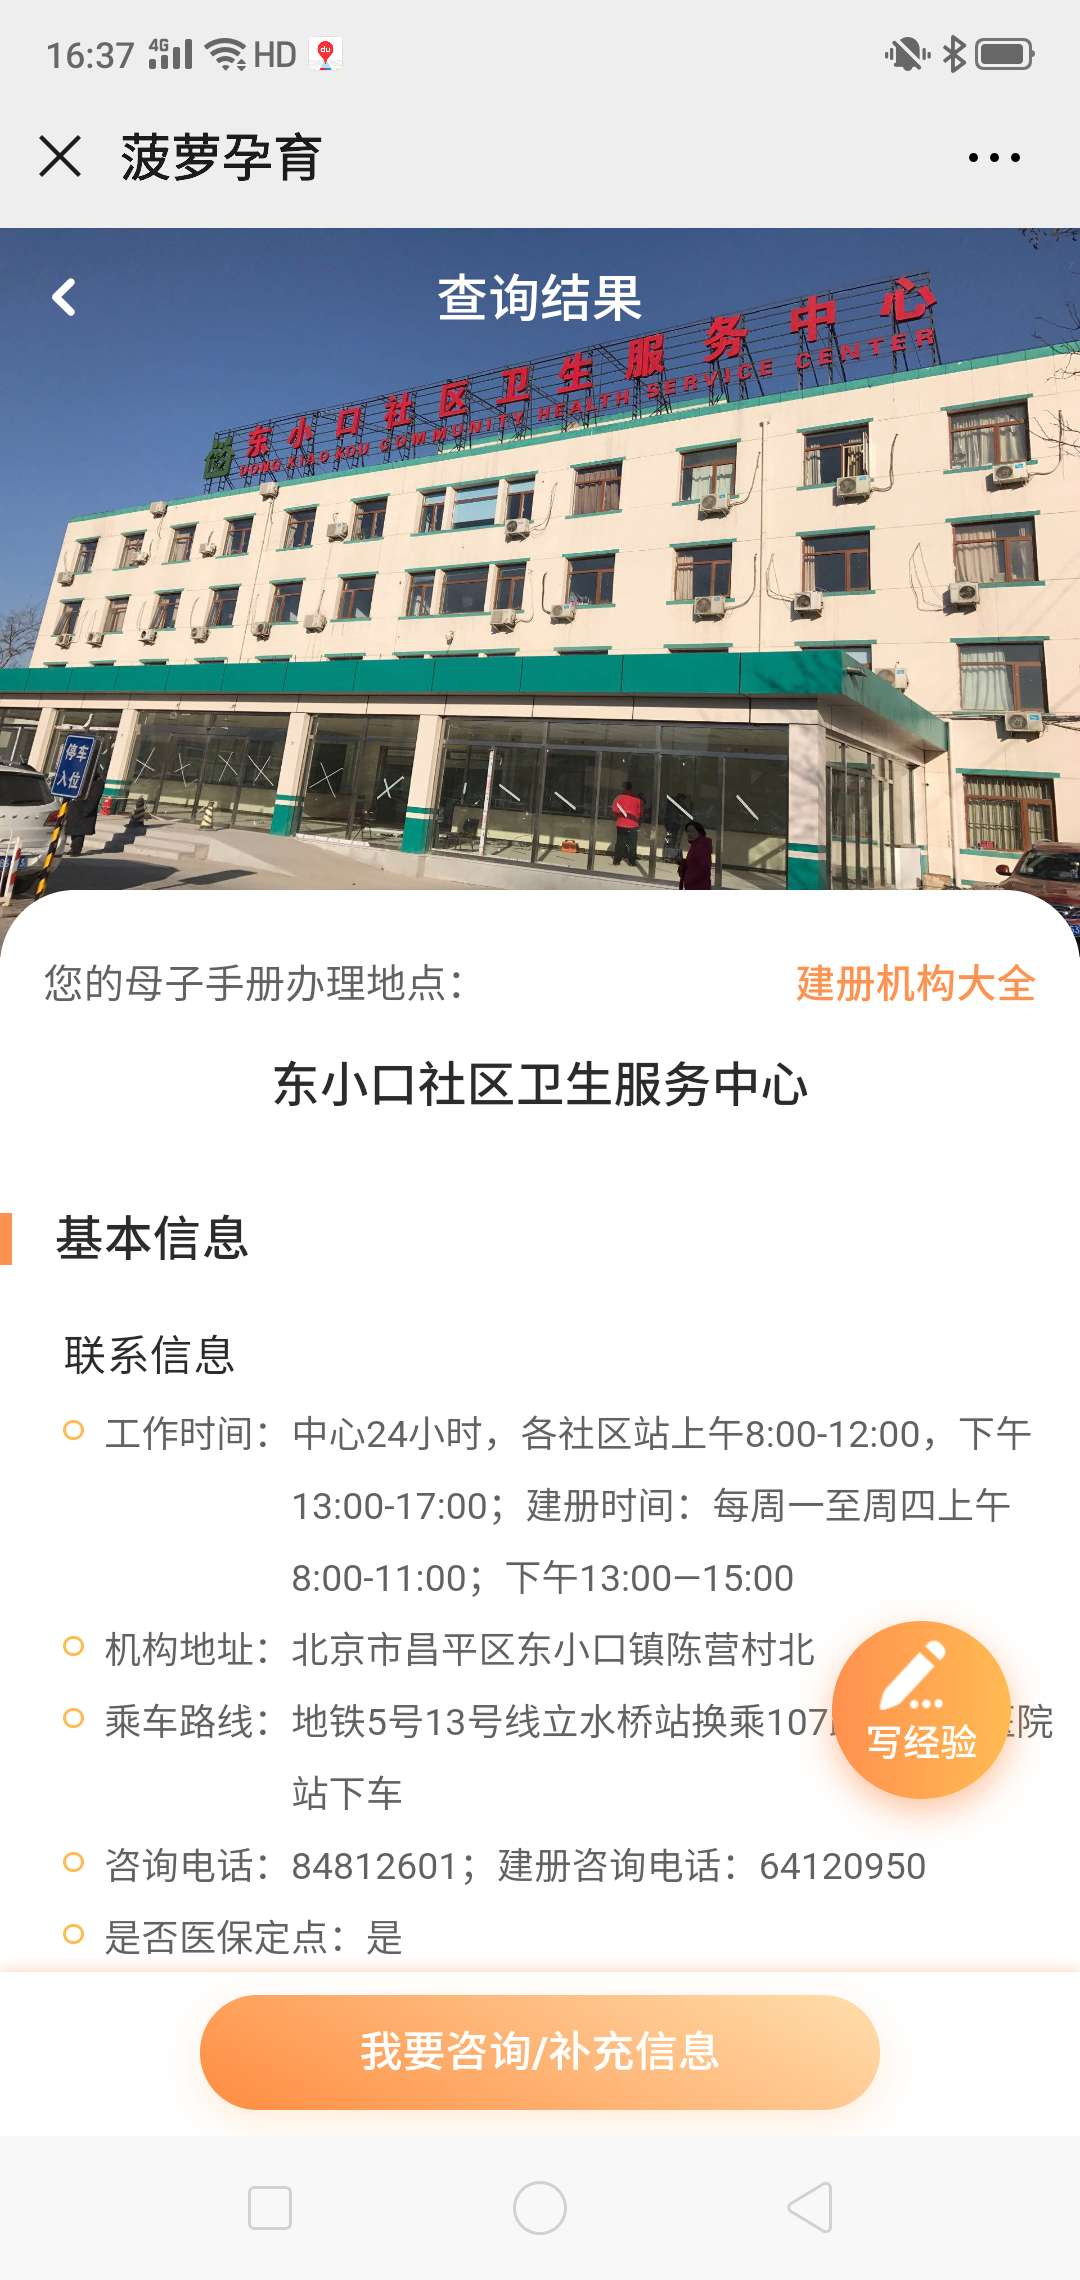 朝阳区亚运村社区卫生服务中心【母子健康档案办理全流程攻略】